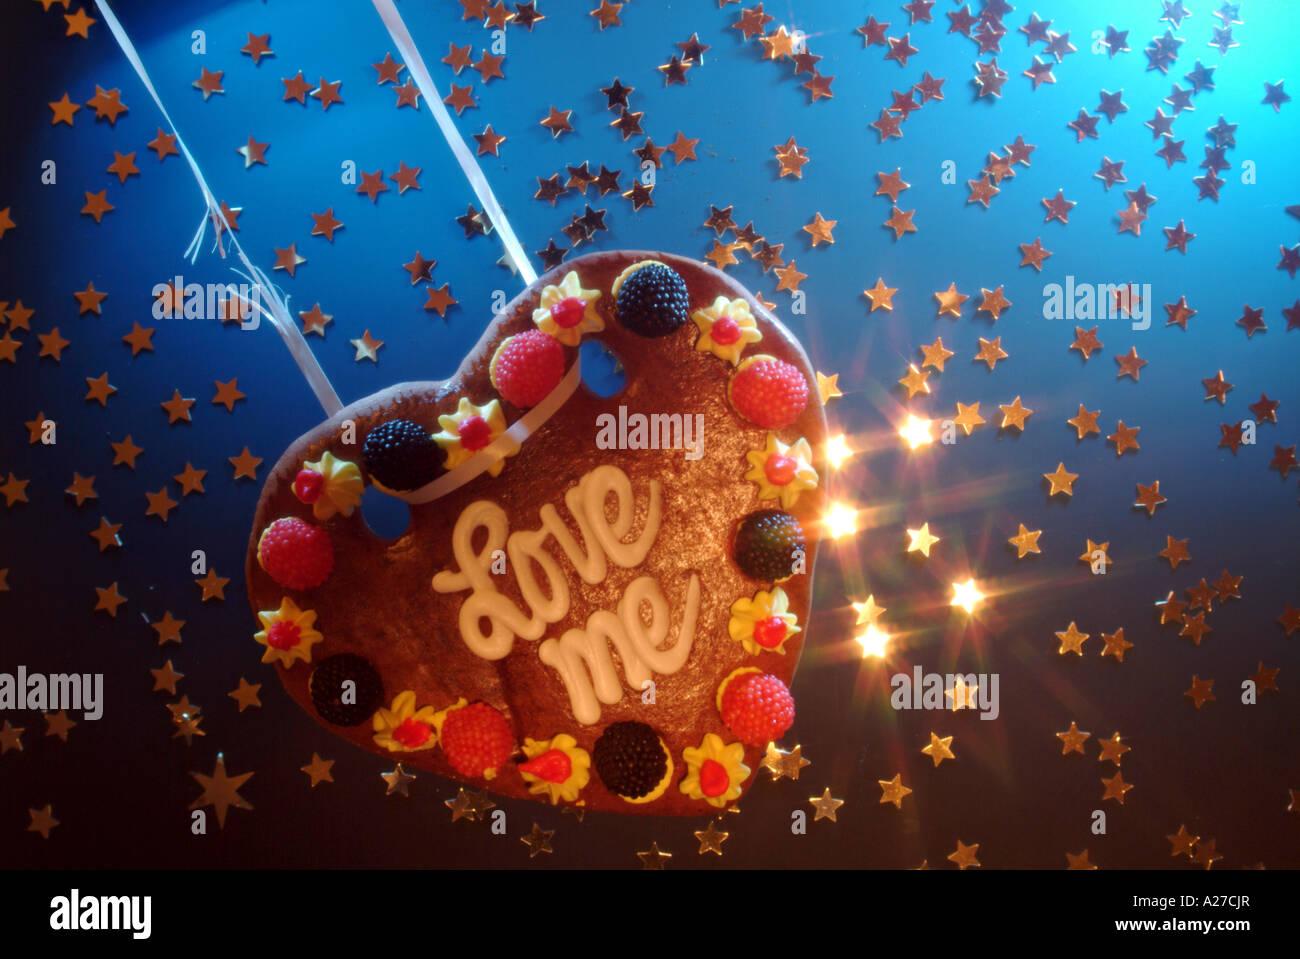 Love Heart made of honey cake se balançant sur une chaîne cassée dans les étoiles Photo Stock